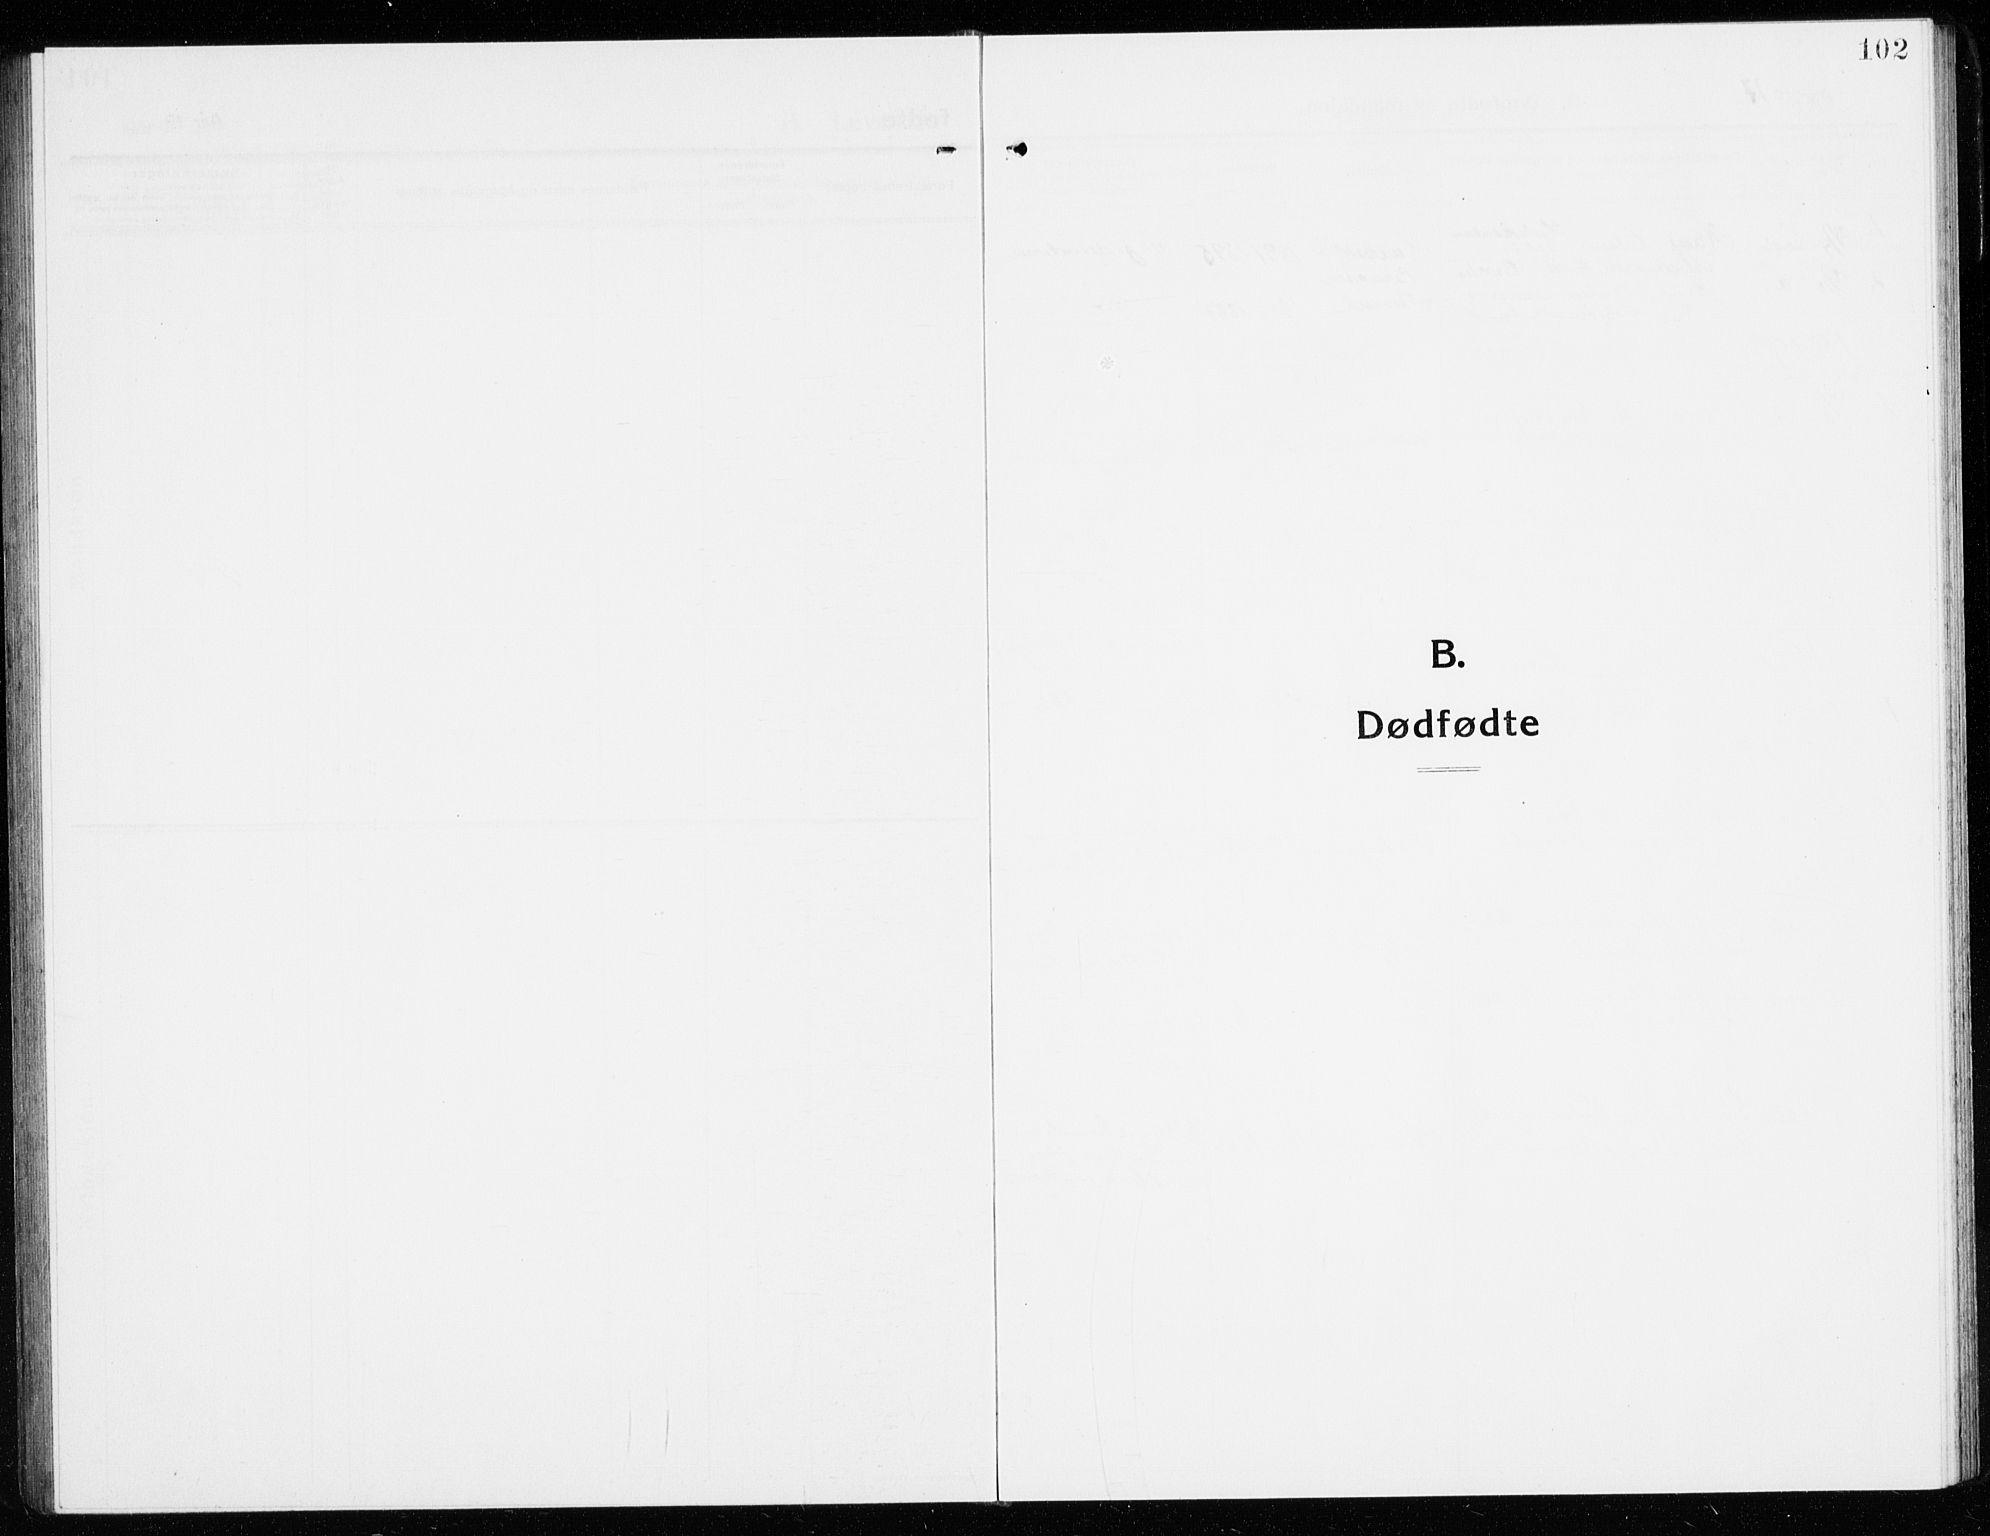 SAKO, Gol kirkebøker, G/Ga/L0004: Klokkerbok nr. I 4, 1915-1943, s. 102